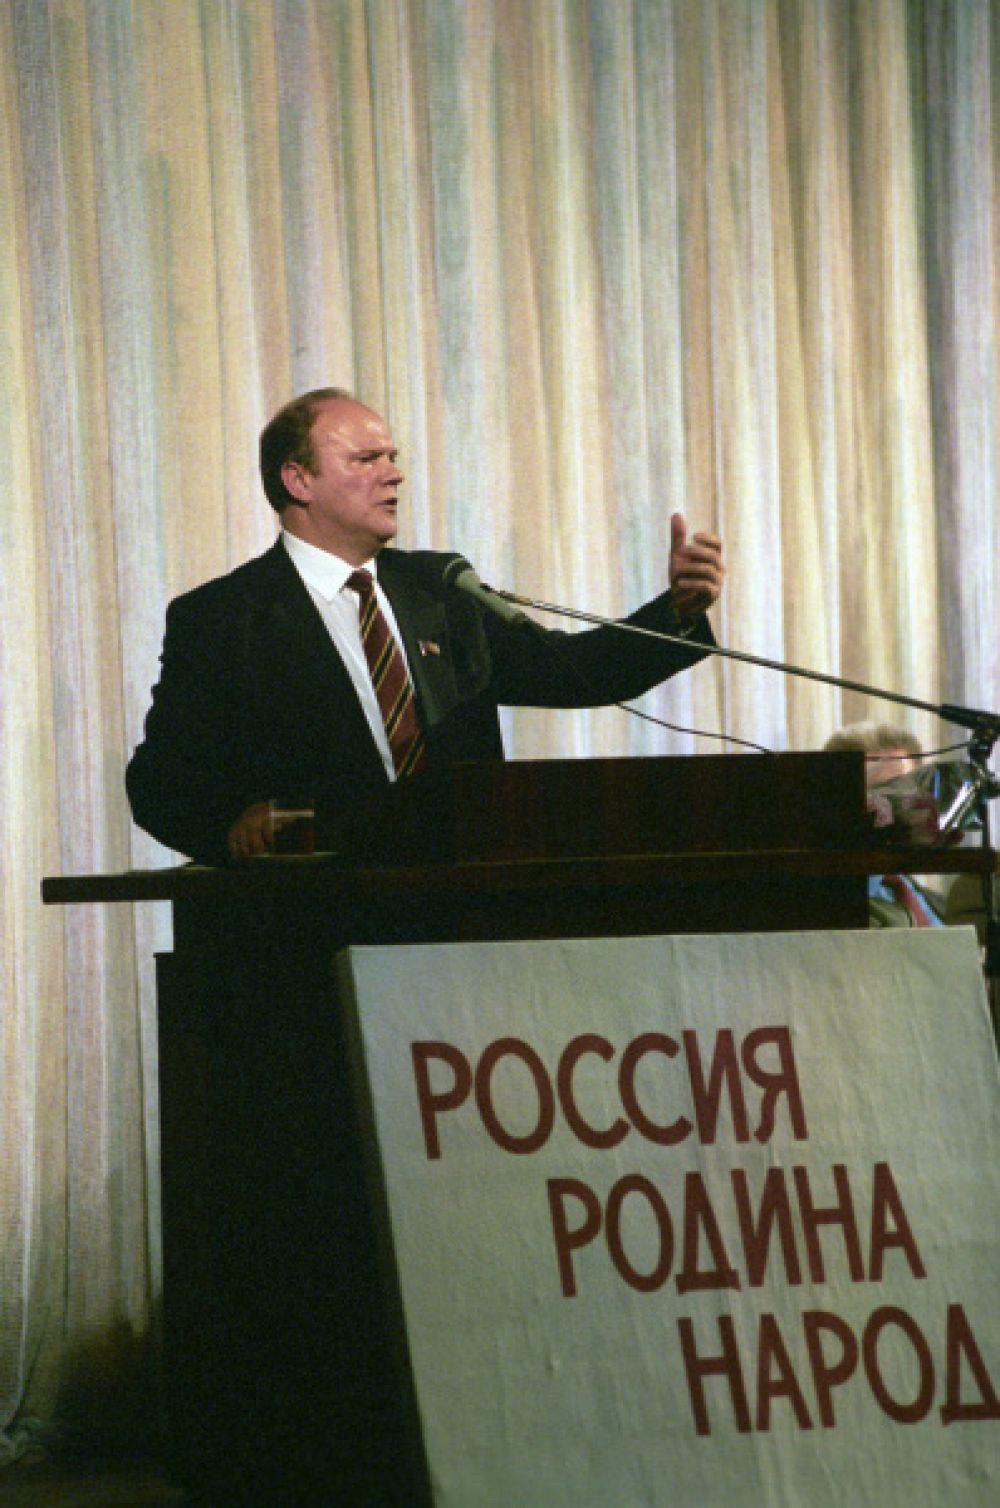 В марте 1996 года Зюганов зарегистрировался в качестве кандидата в президенты РФ. На выборах в июне его поддержали 32,03% избирателей, но во втором туре коммунист уступил Борису Ельцину, получив только 40,31% голосов.